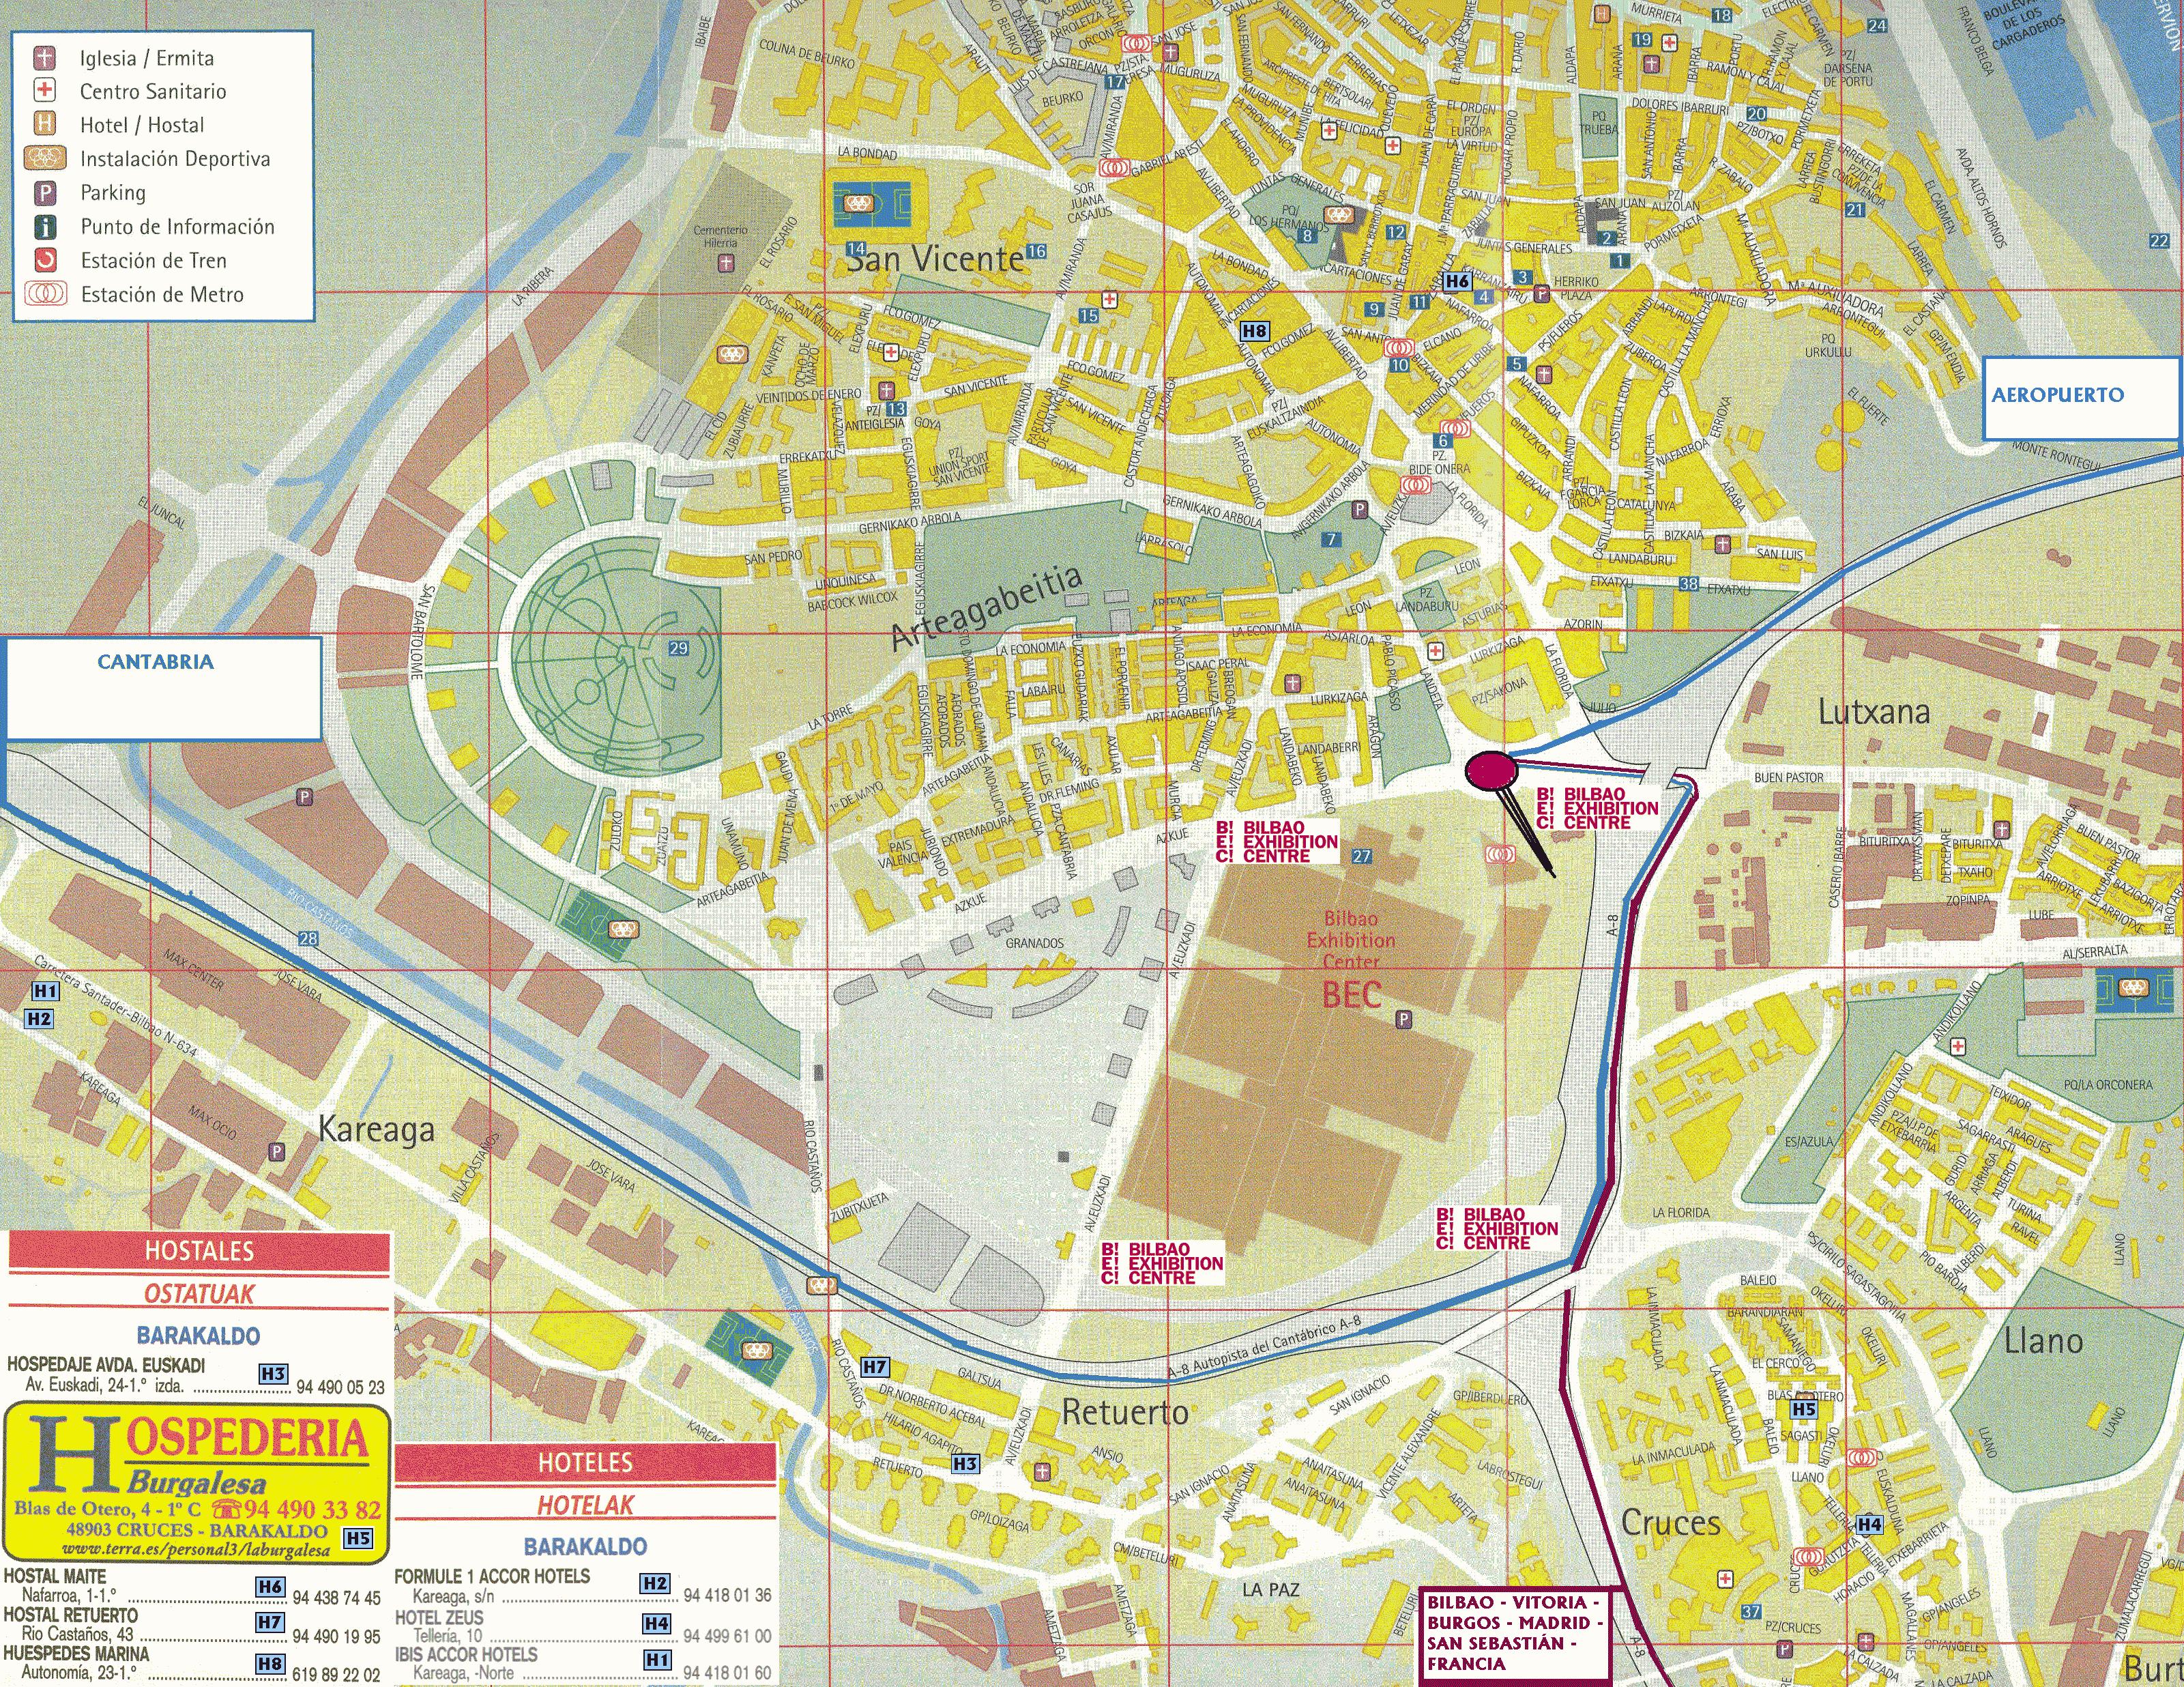 bec mapa Euskal Encounter 12 bec mapa